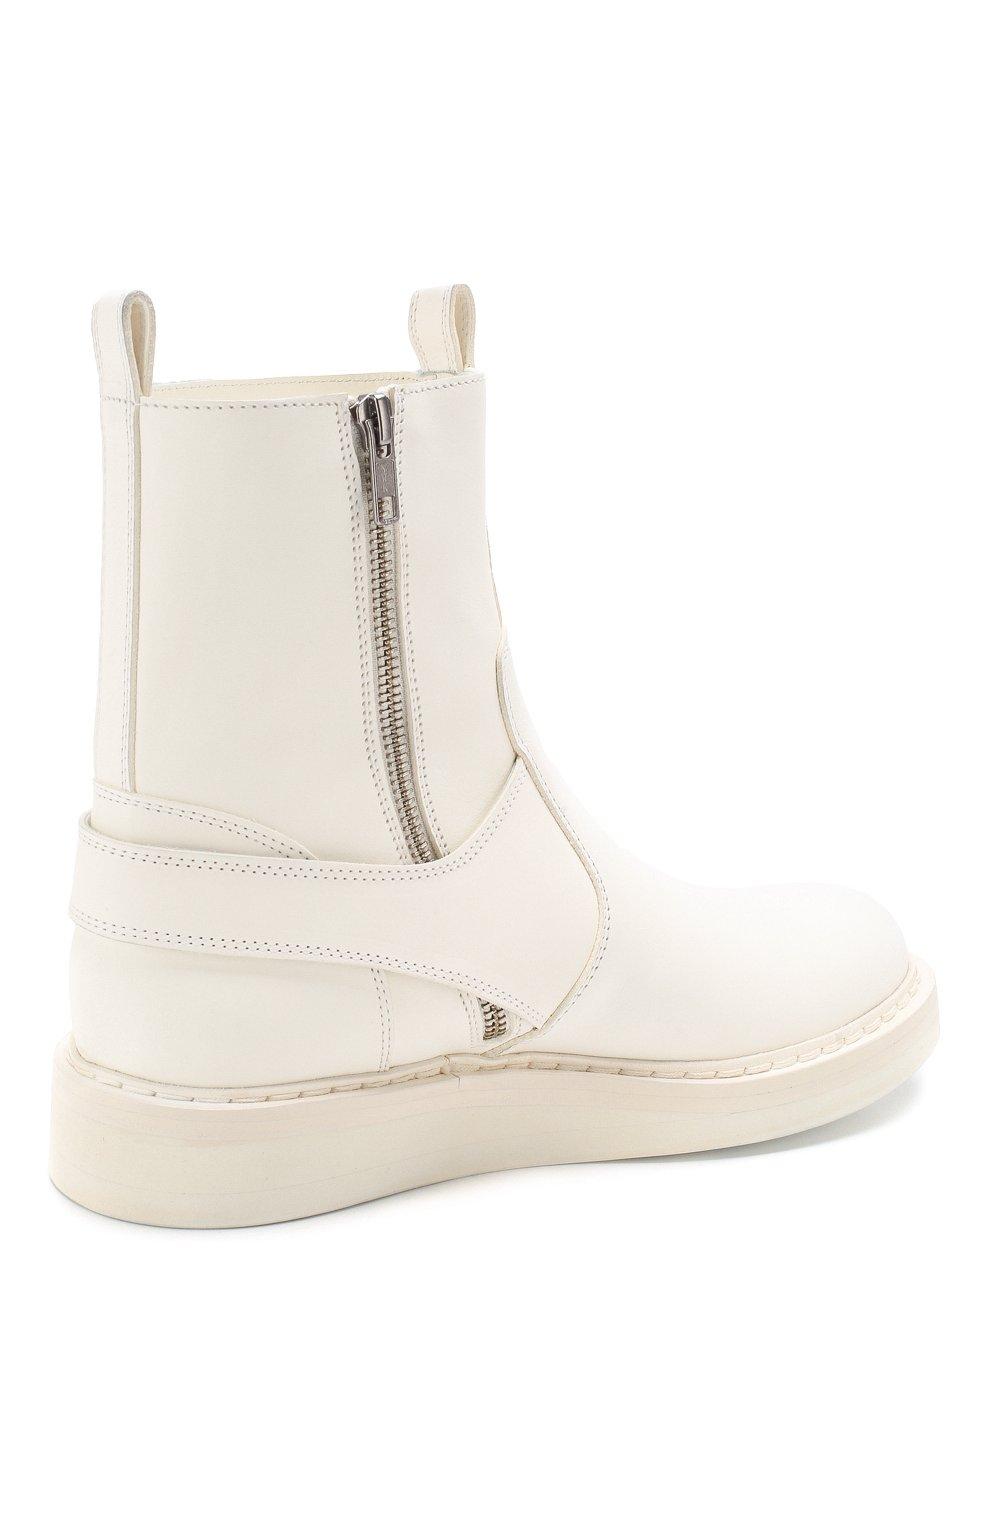 Женские кожаные ботинки ANN DEMEULEMEESTER белого цвета, арт. 2001-2808-356-001 | Фото 4